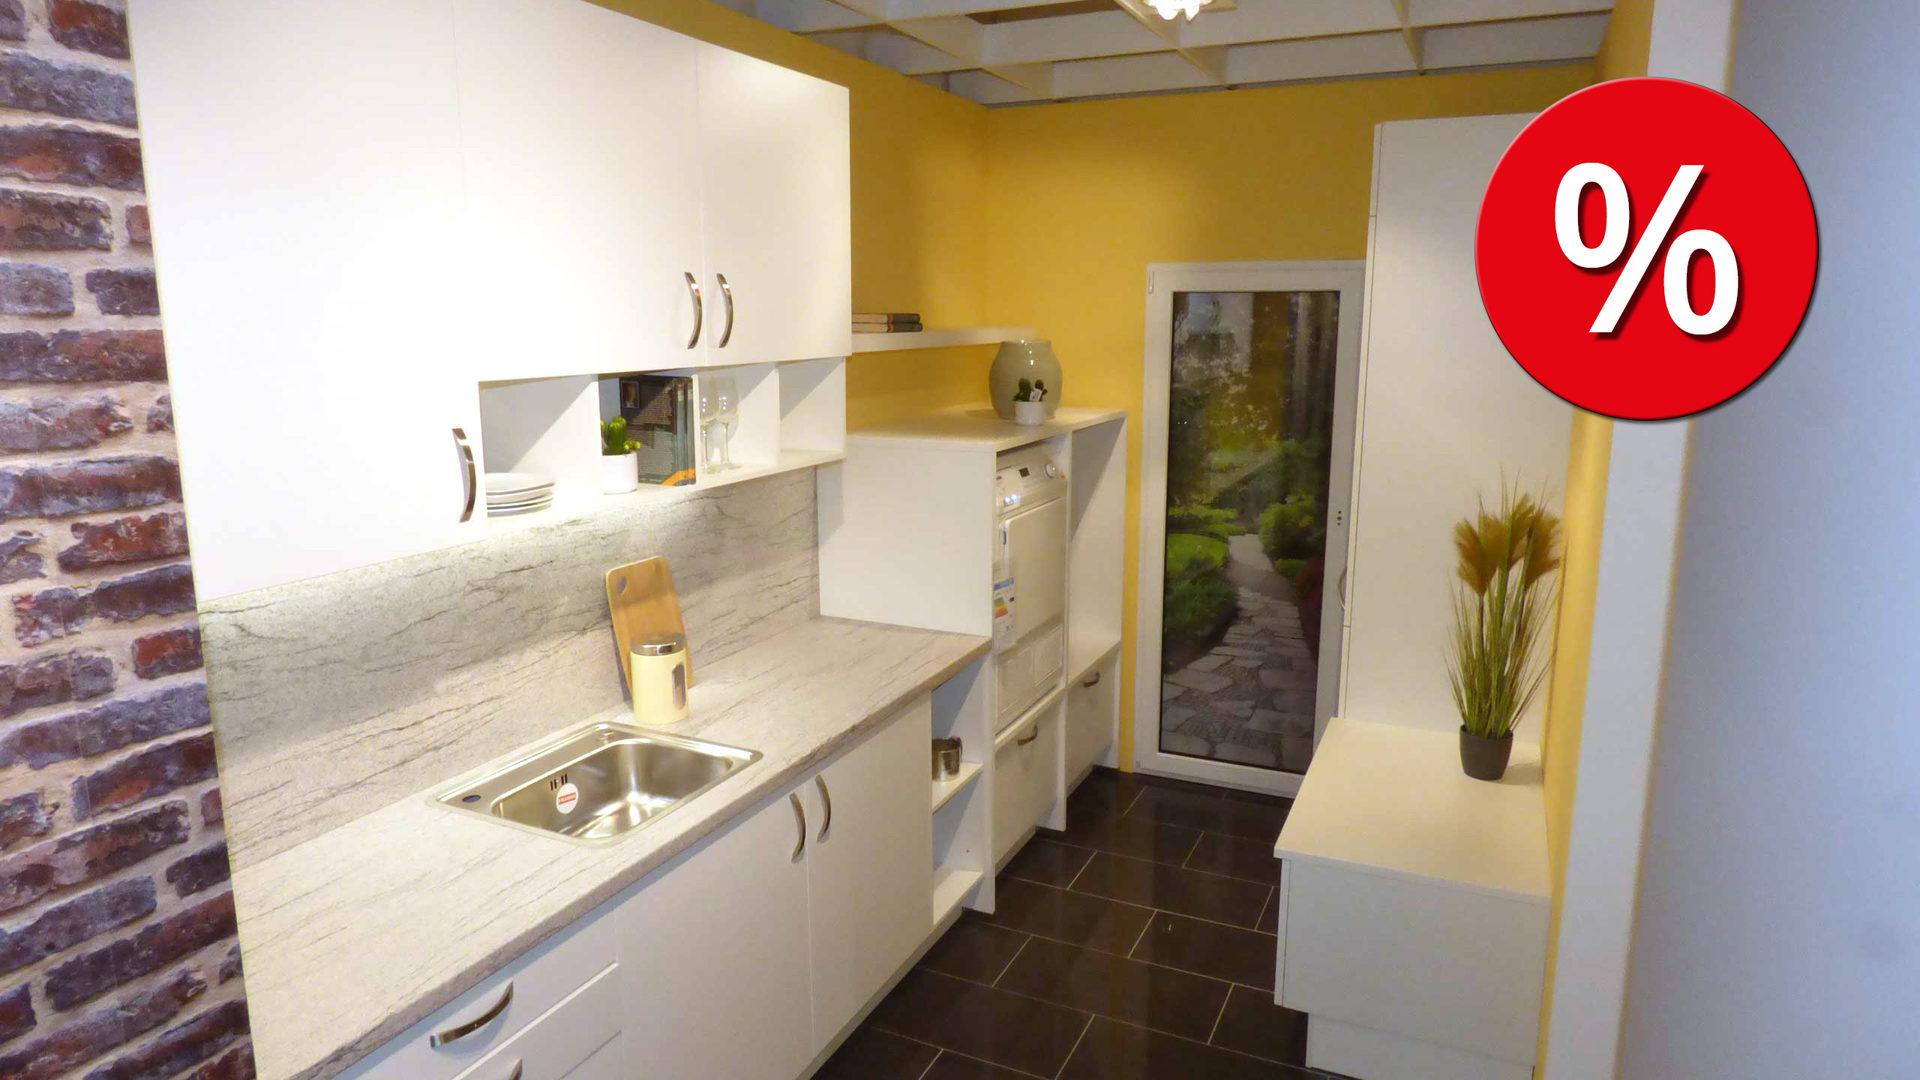 Hauswirtschaftsraum Möbel möbelland hochtaunus bad homburg bei frankfurt räume küche